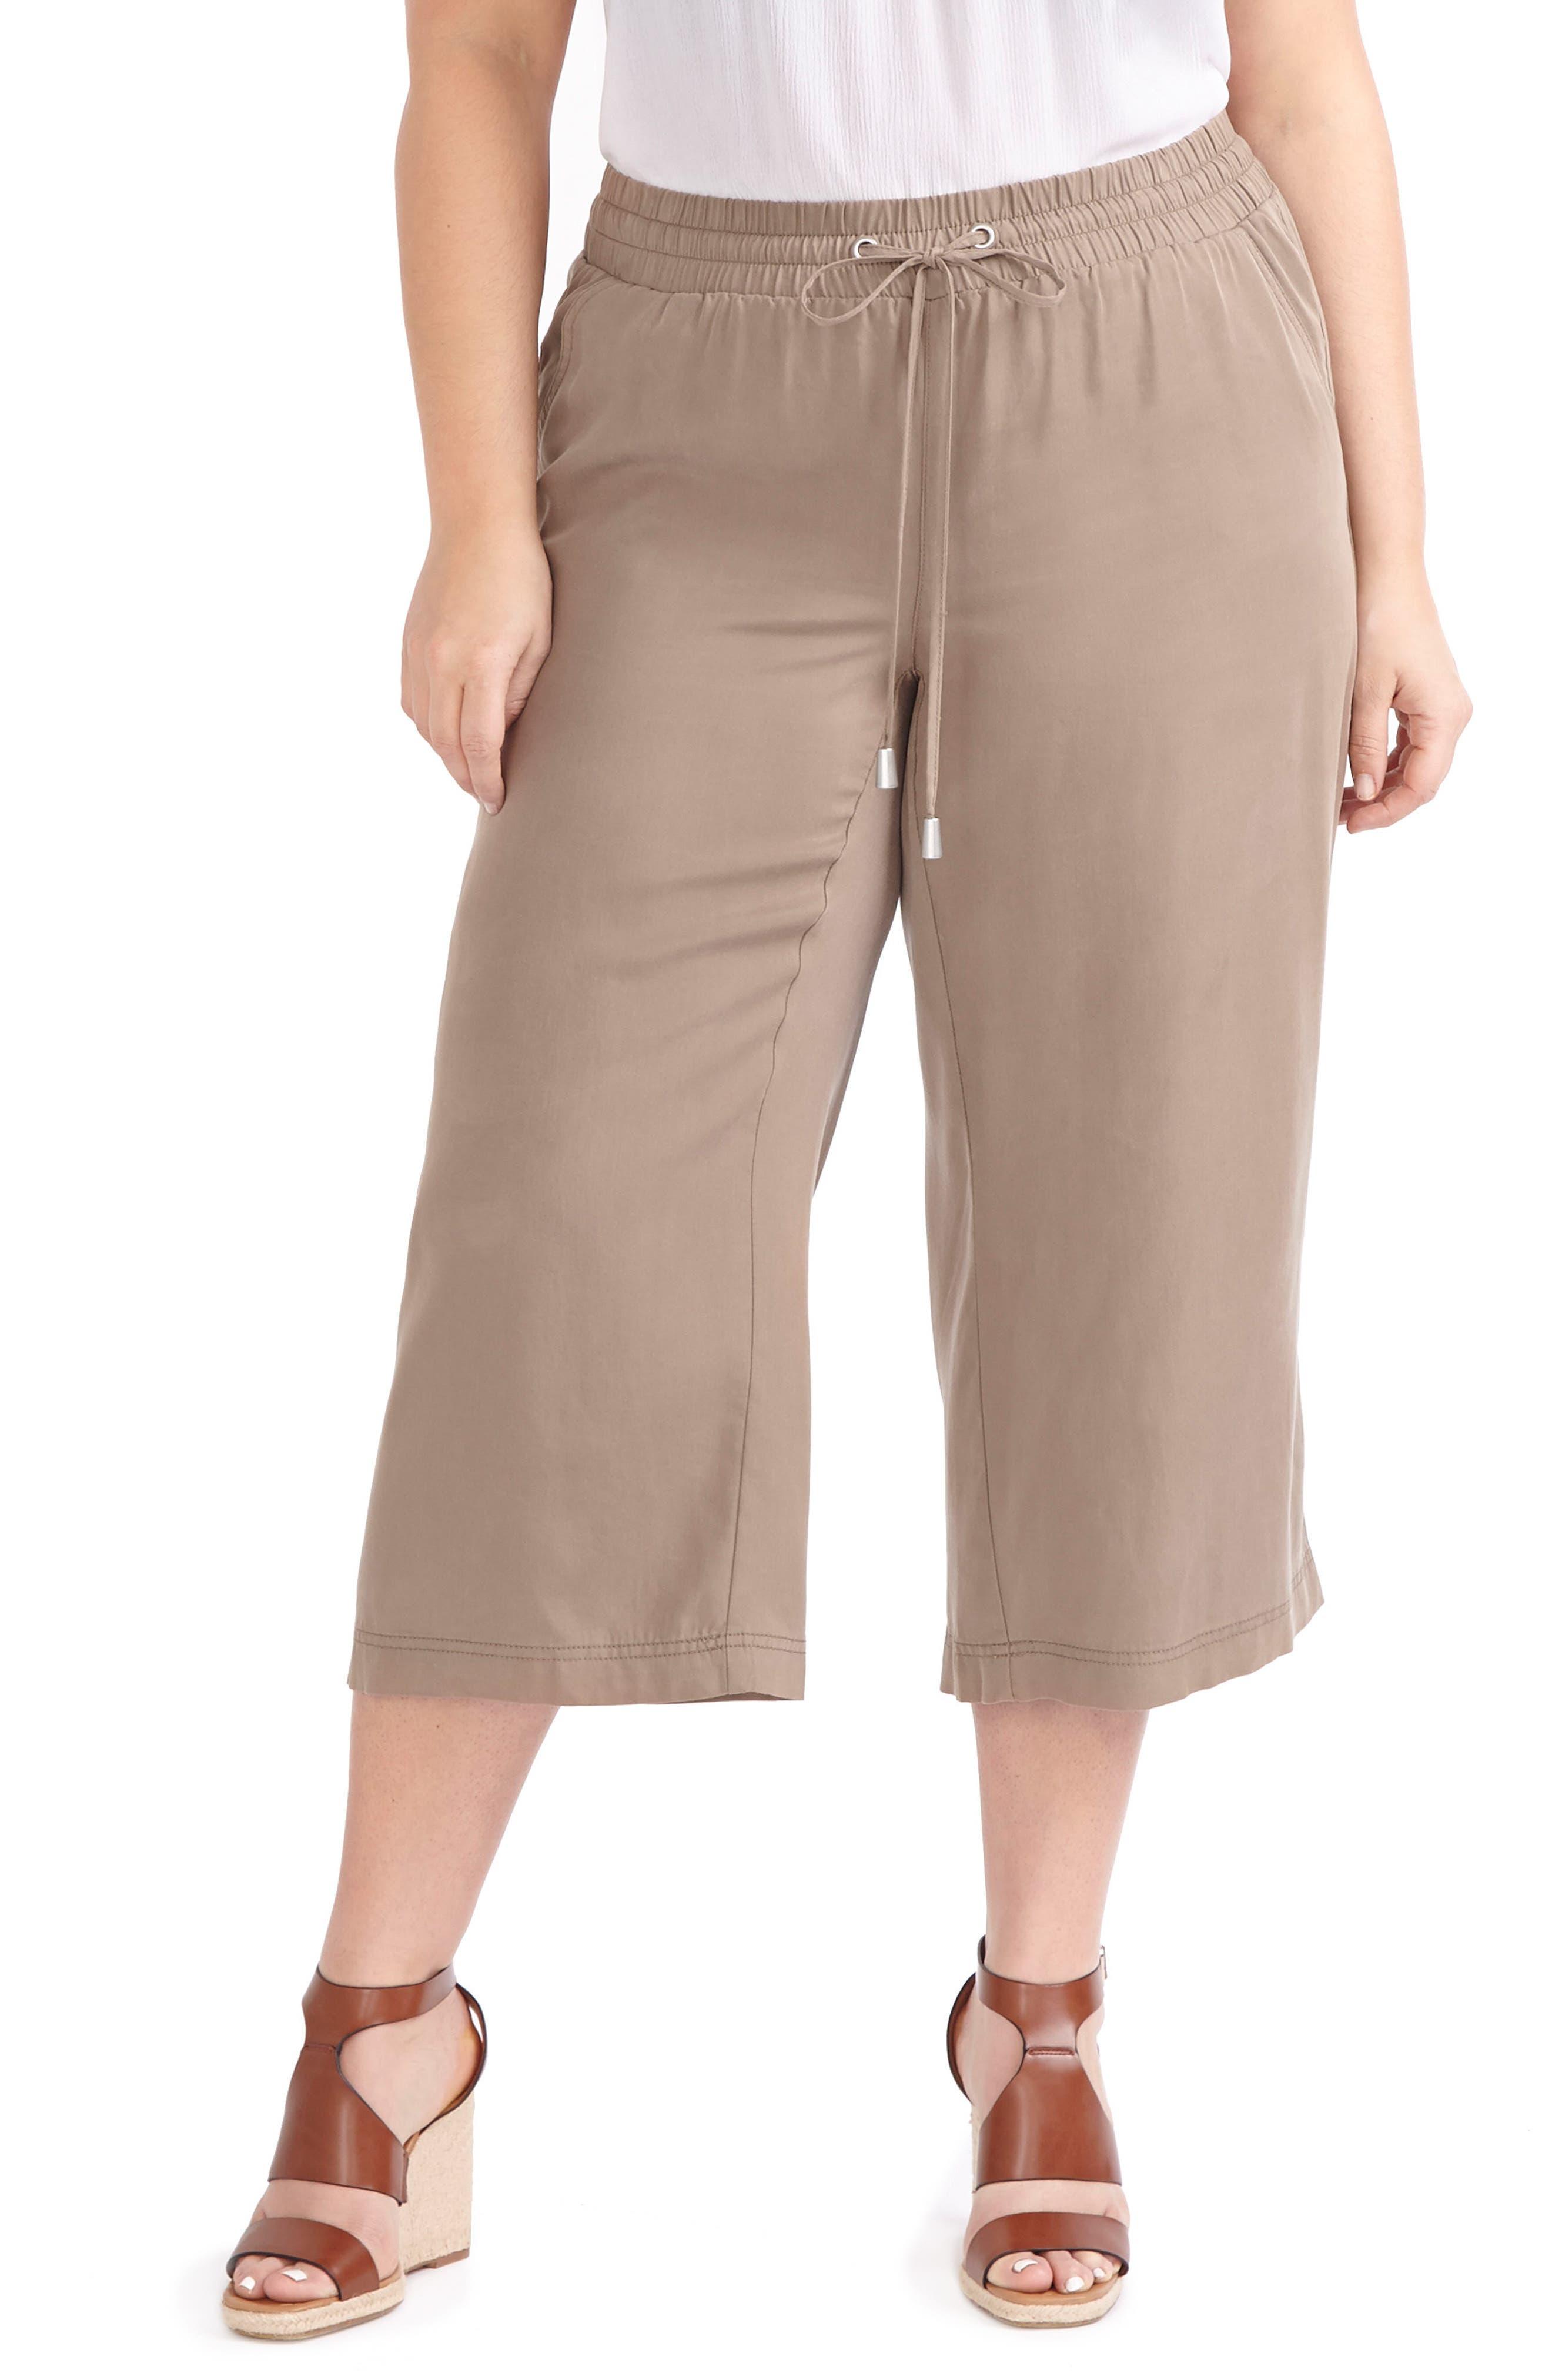 Main Image - ADDITION ELLE LOVE AND LEGEND Wide Leg Capri Pants (Plus Size)